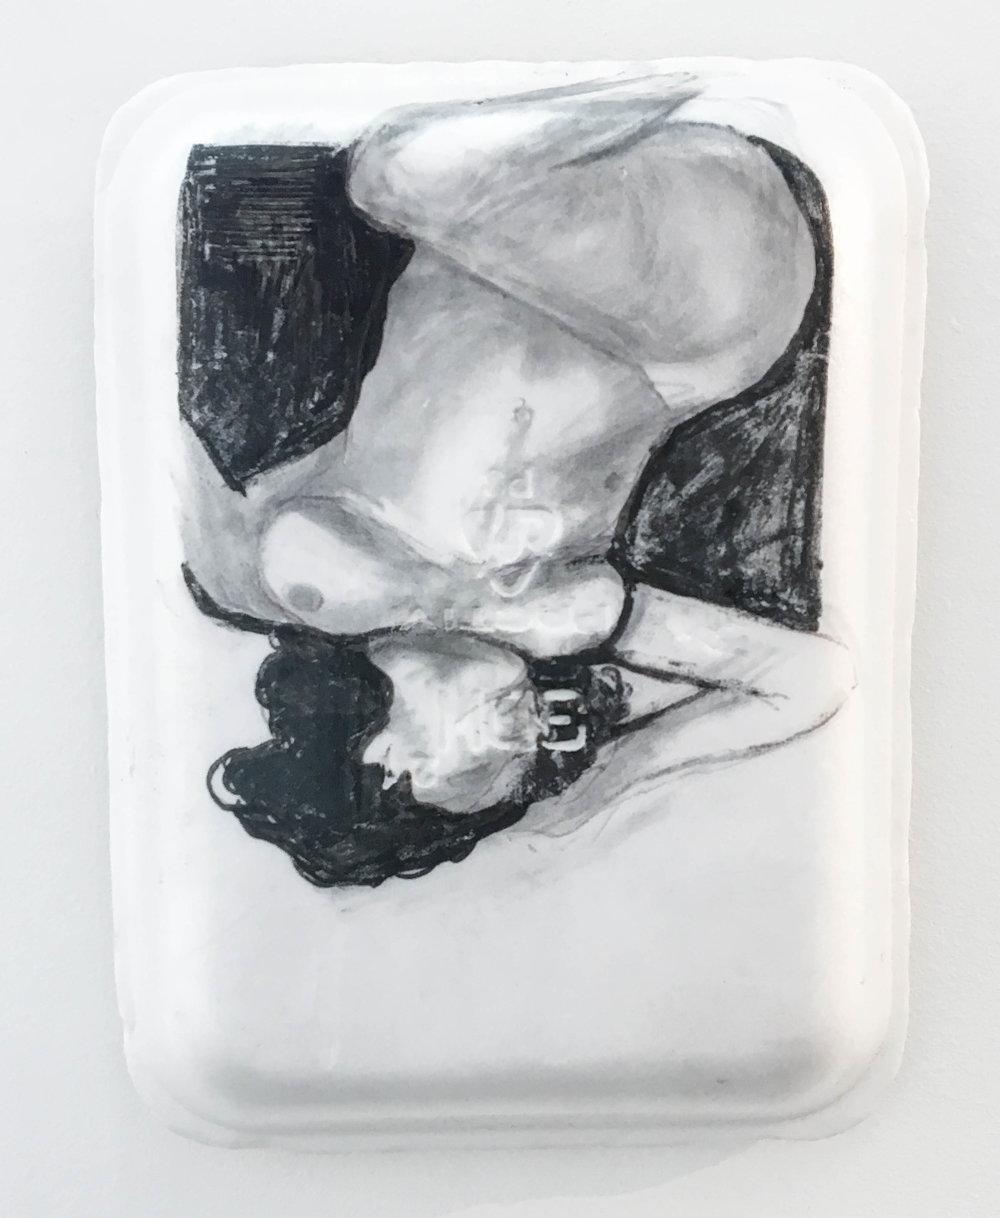 <b>Julianne Wallace Sterling</b><br>Untitled 3<br>9 x 7 in.